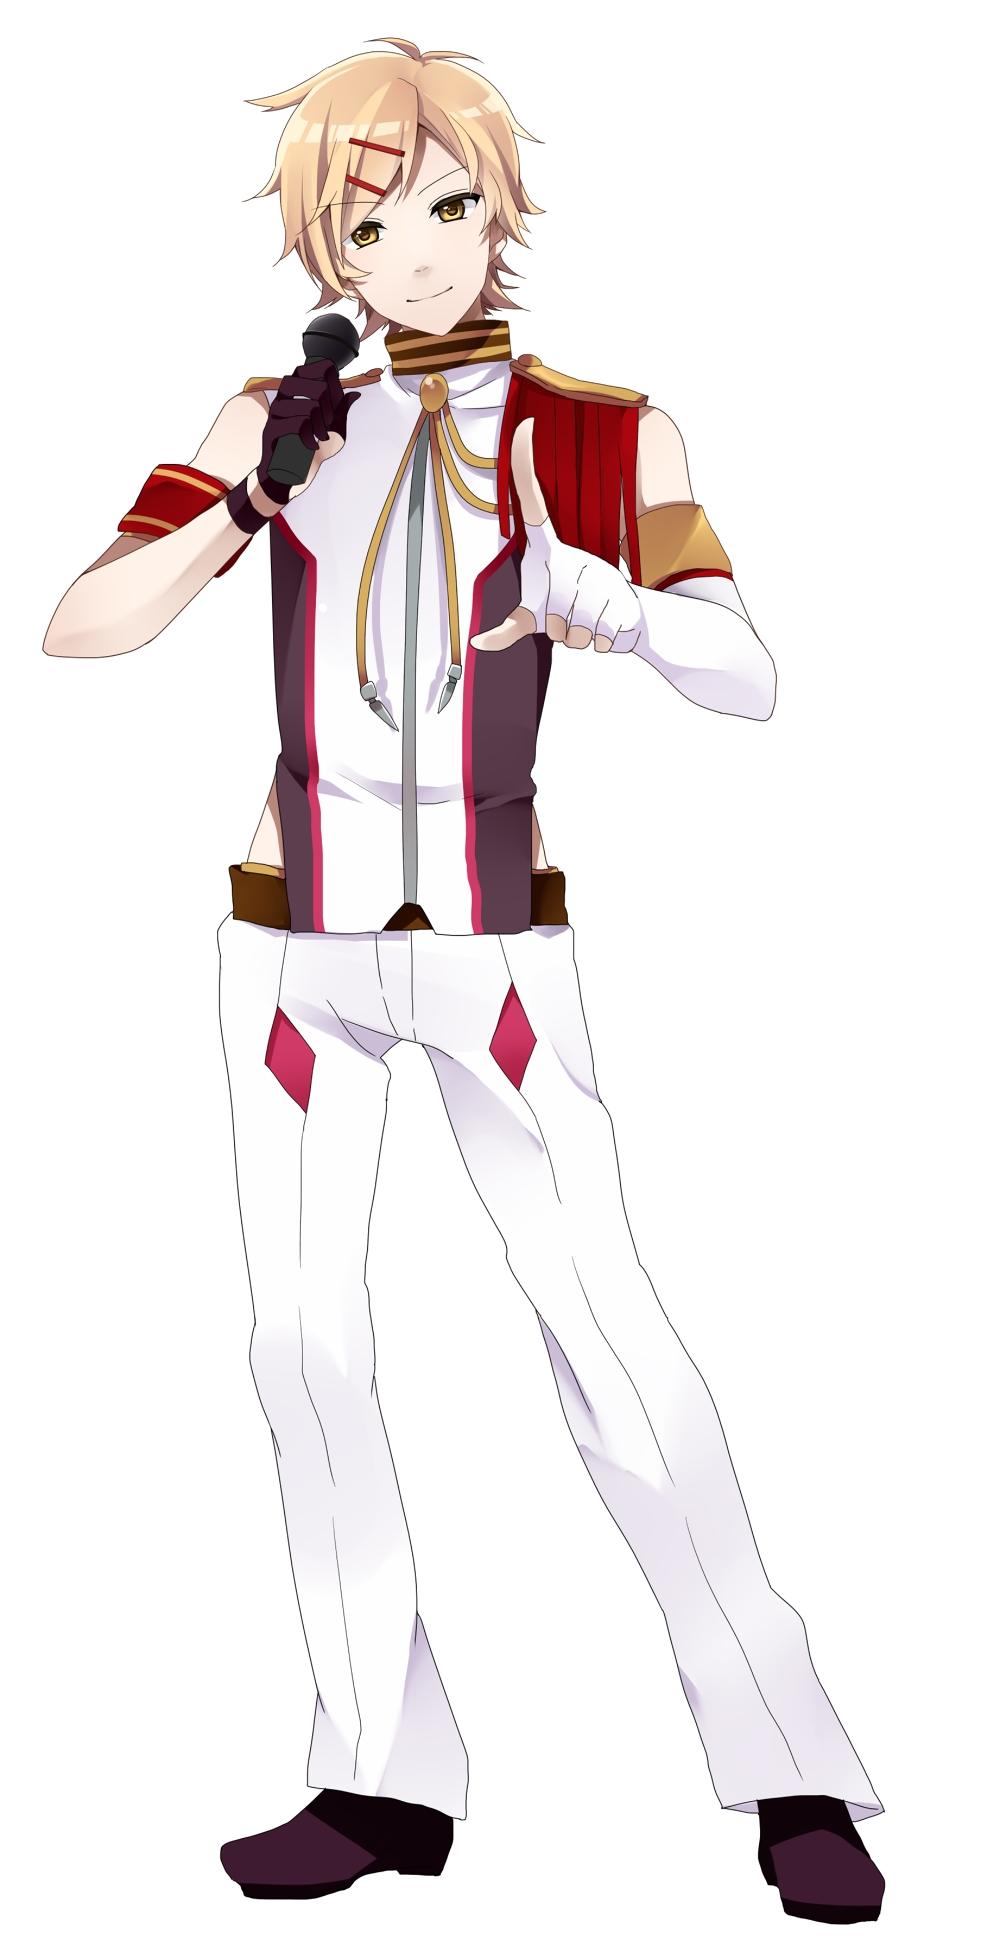 Anime Characters Full Body : Kony nico singer image zerochan anime